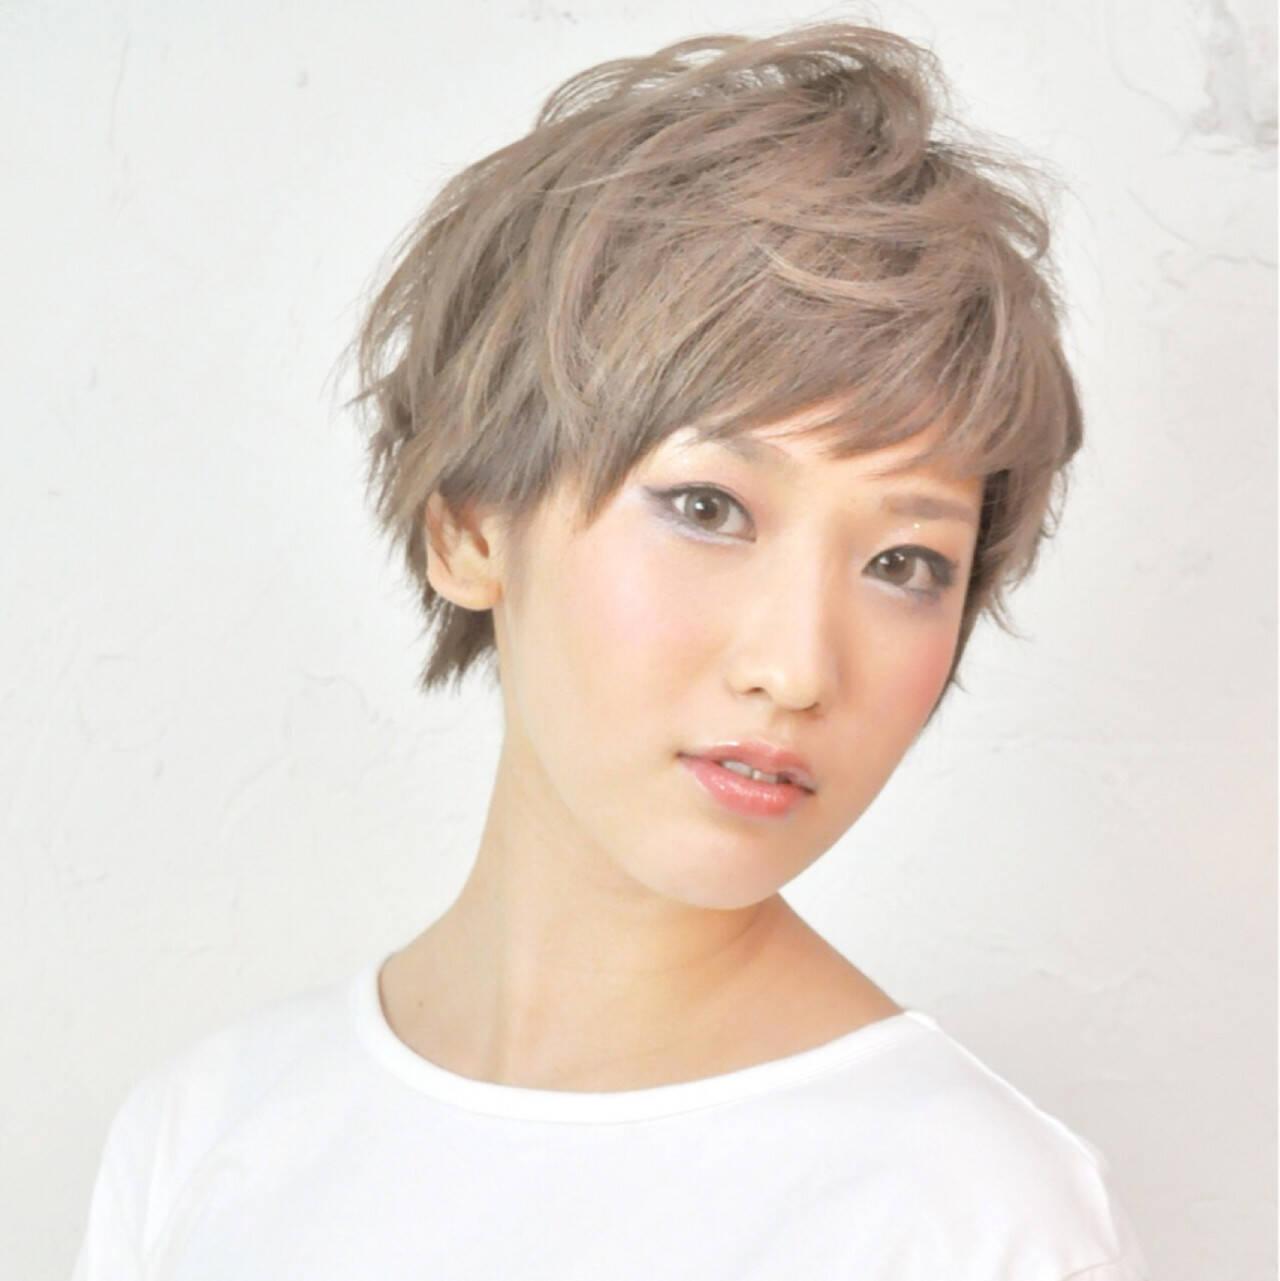 ブリーチ ピュア 外国人風 ハイライトヘアスタイルや髪型の写真・画像